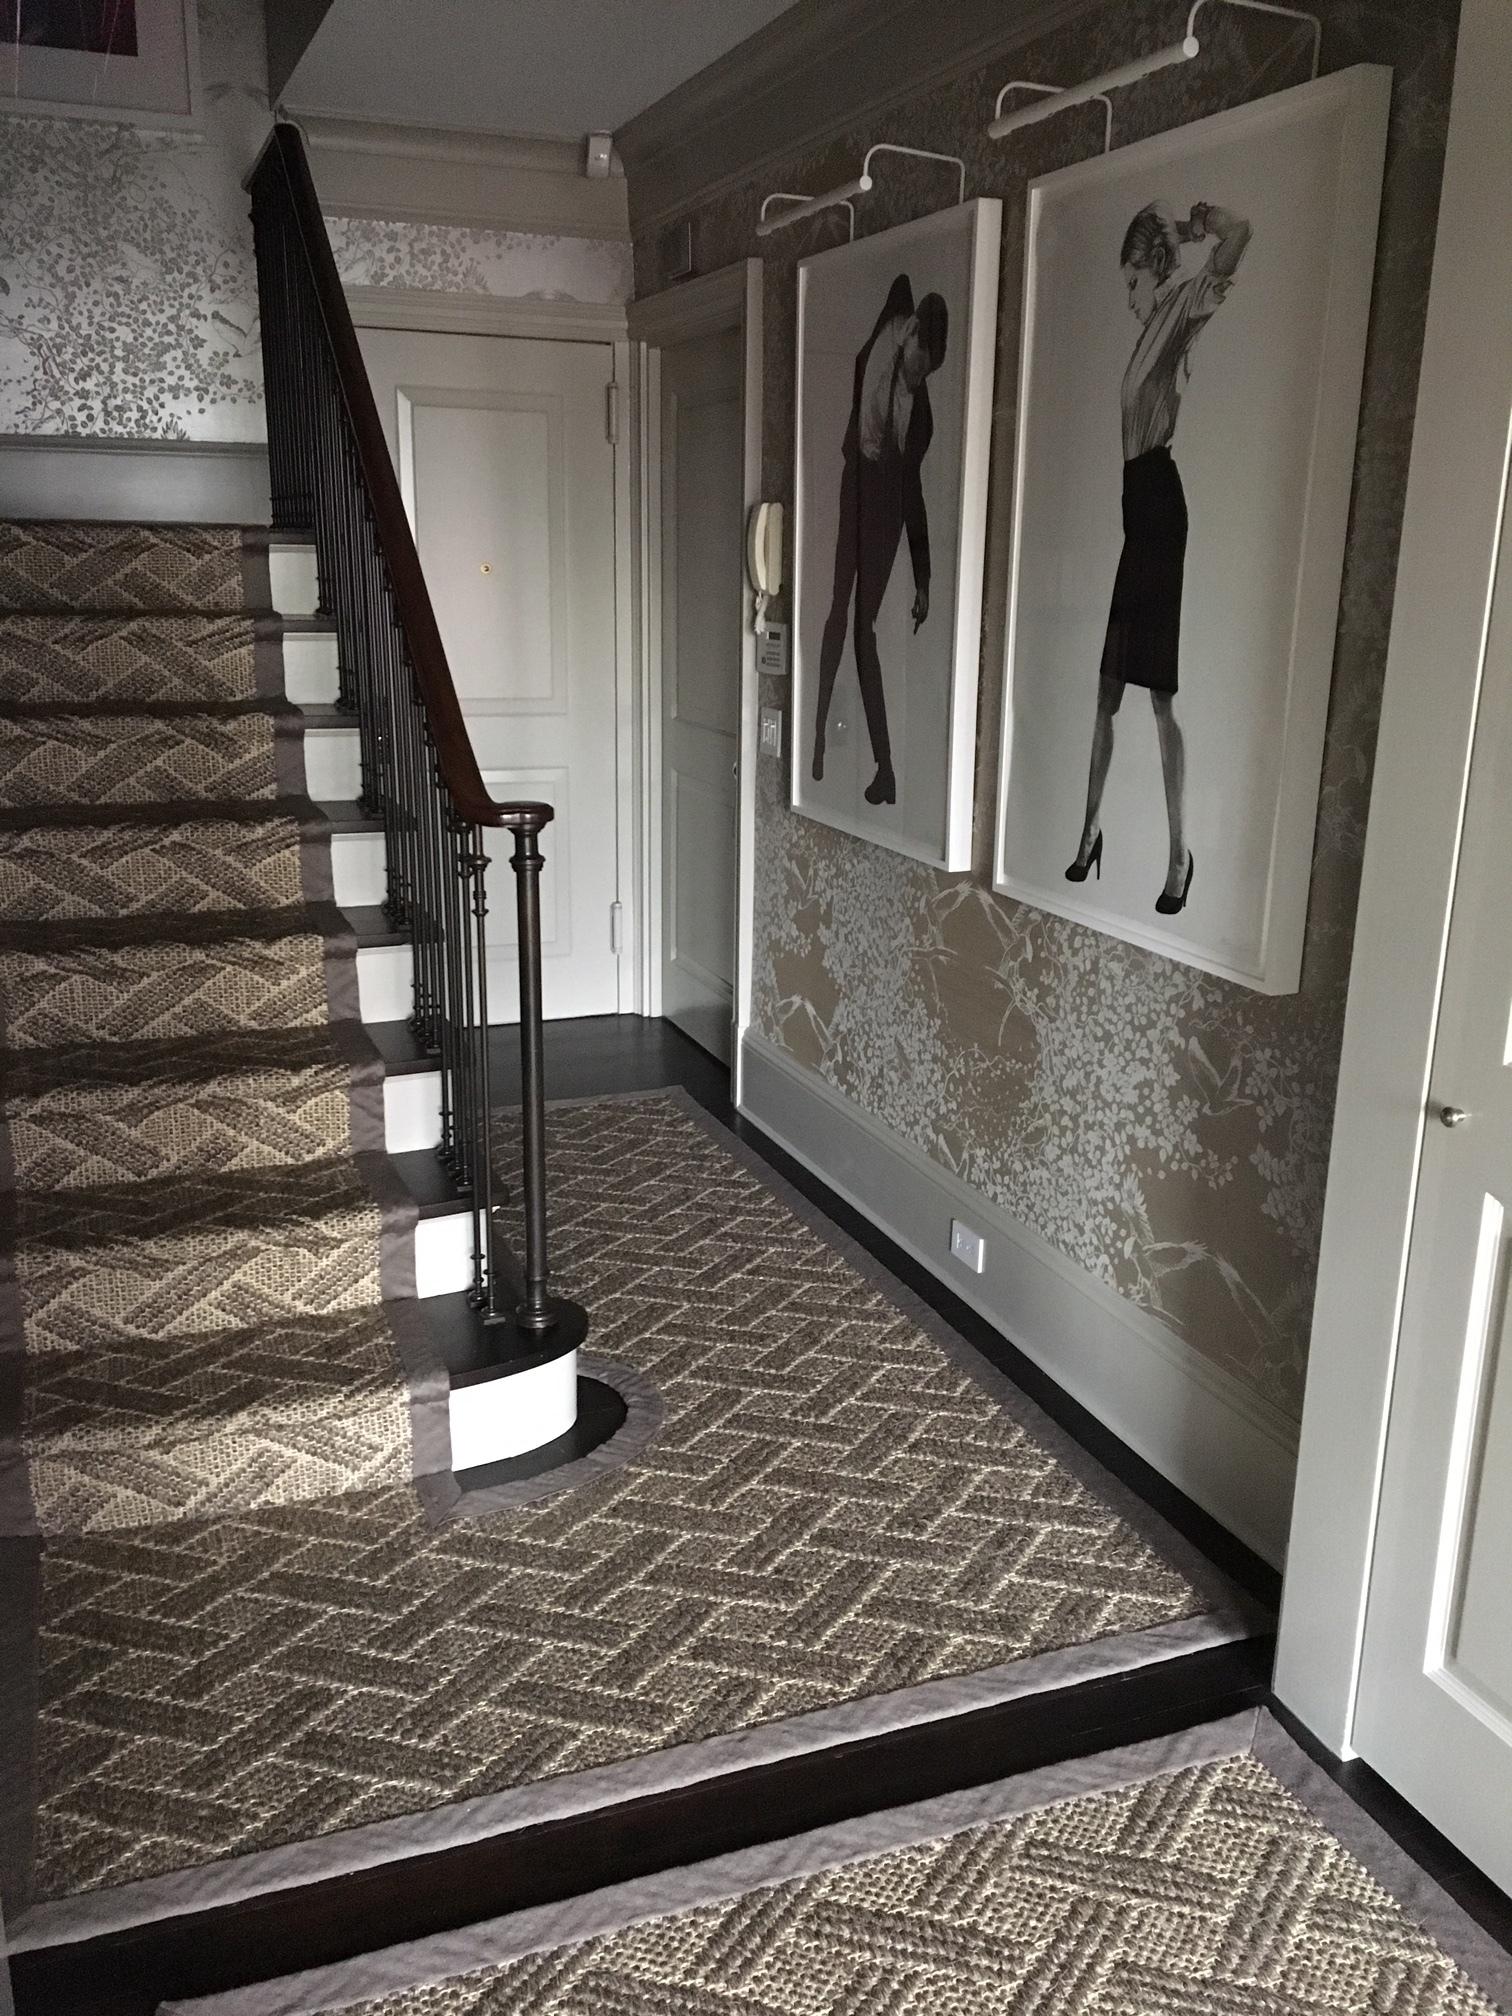 Goldrick_Foyer + Staircase 1.JPG